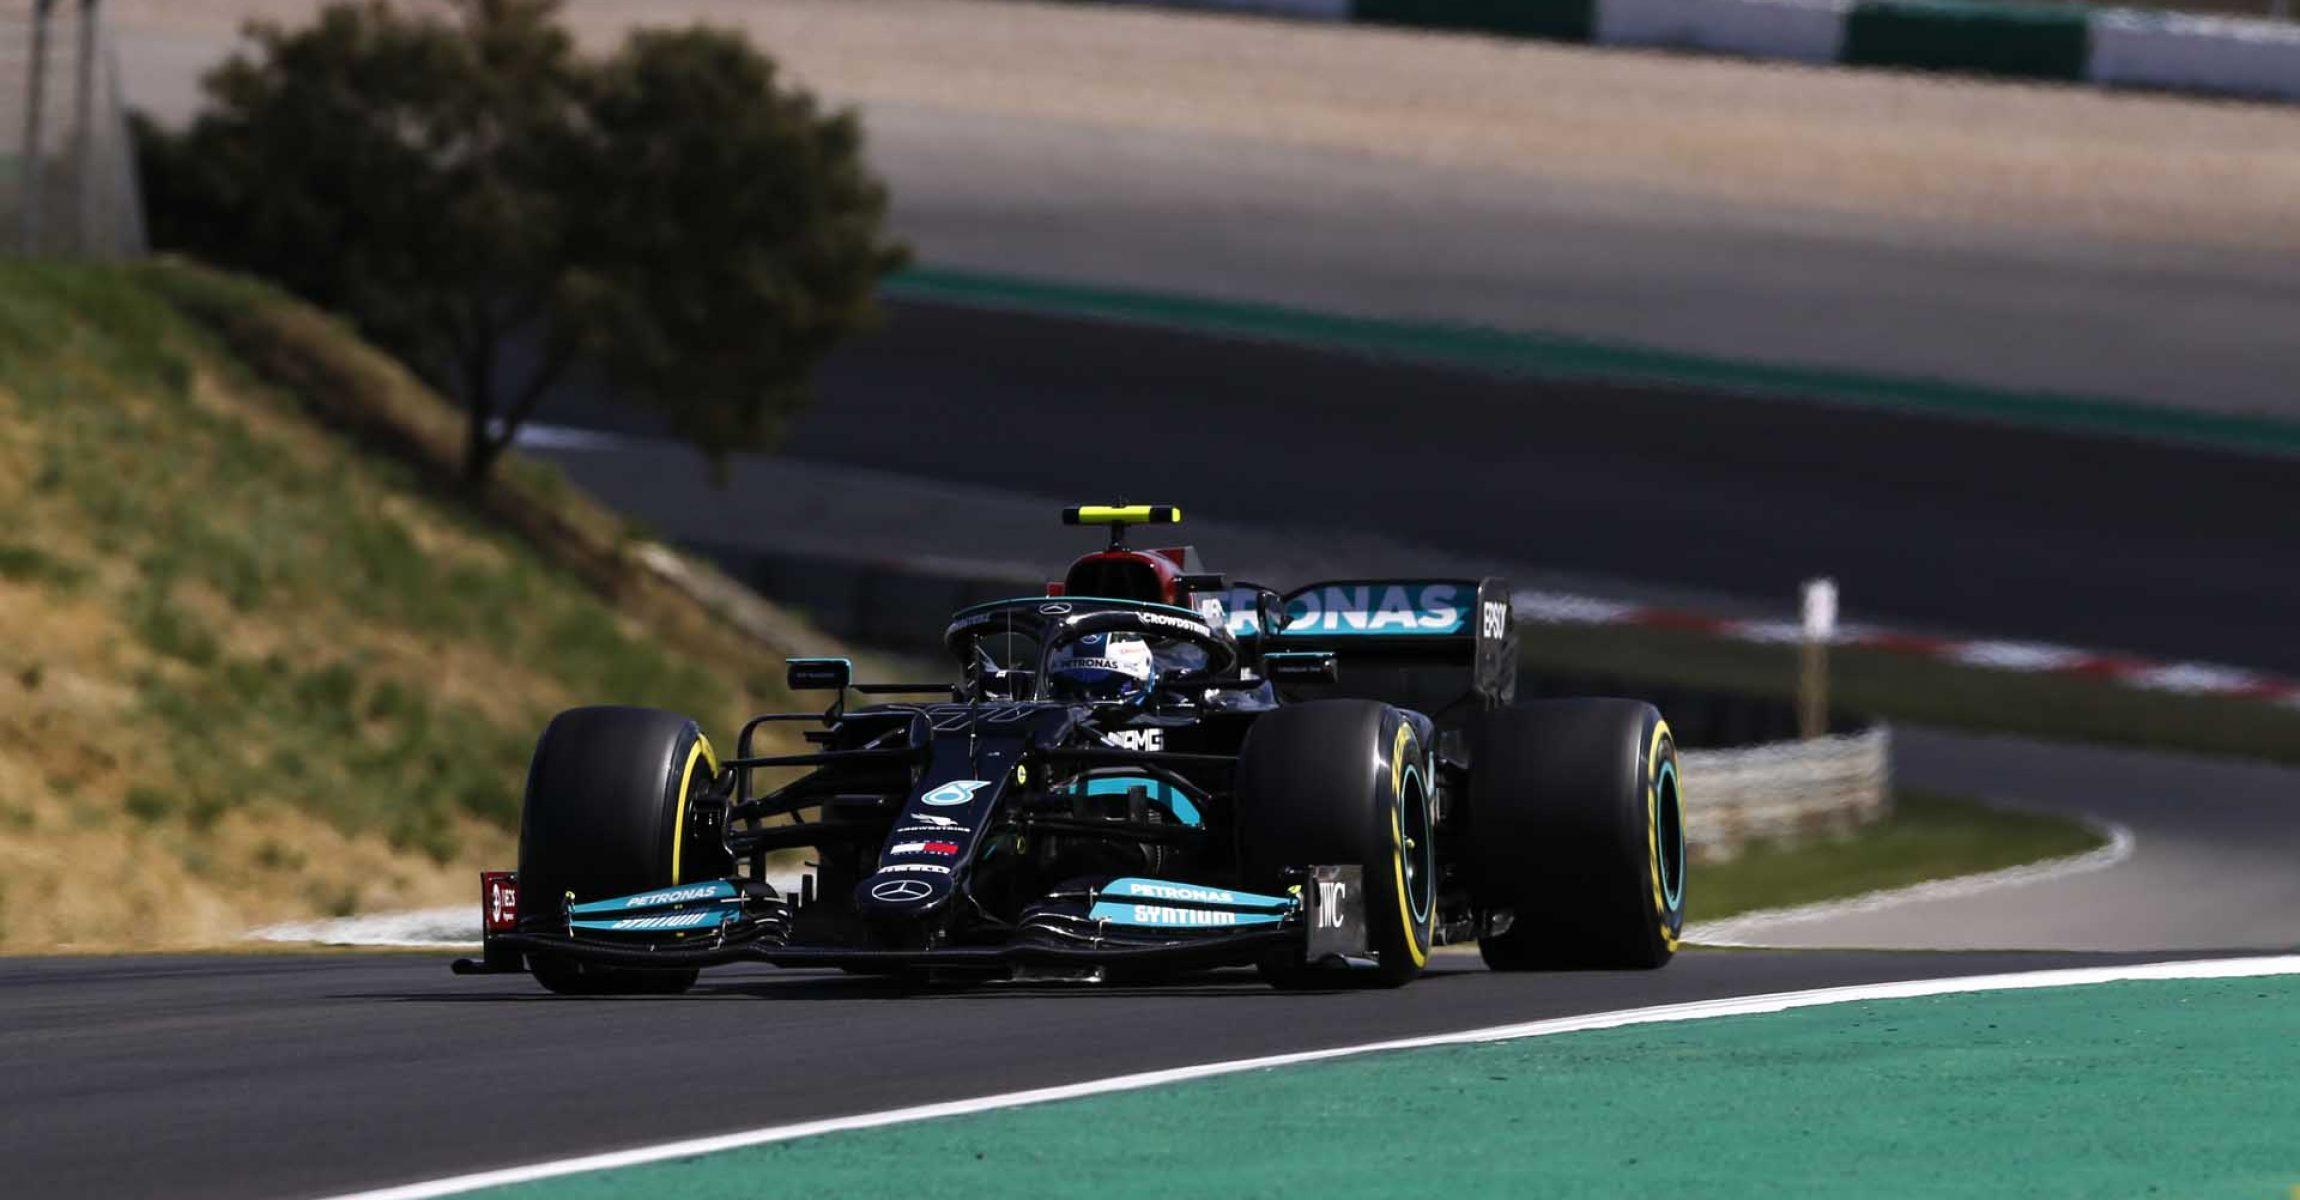 2021 Portuguese Grand Prix, Saturday - Jiri Krenek Valtteri Bottas Mercedes